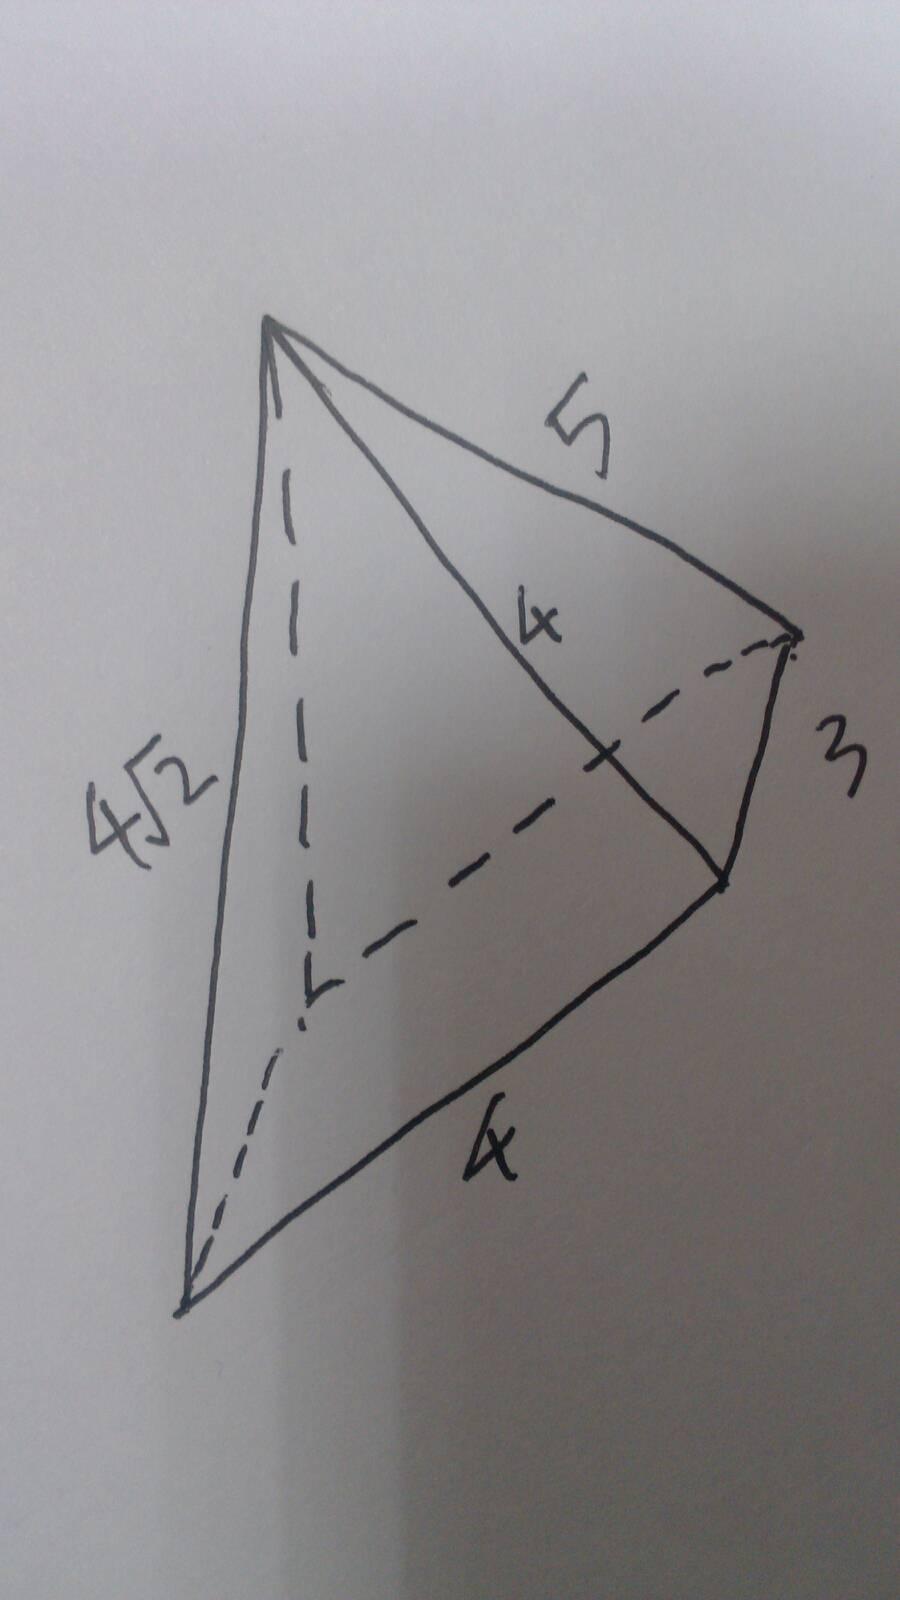 三视图求解图片